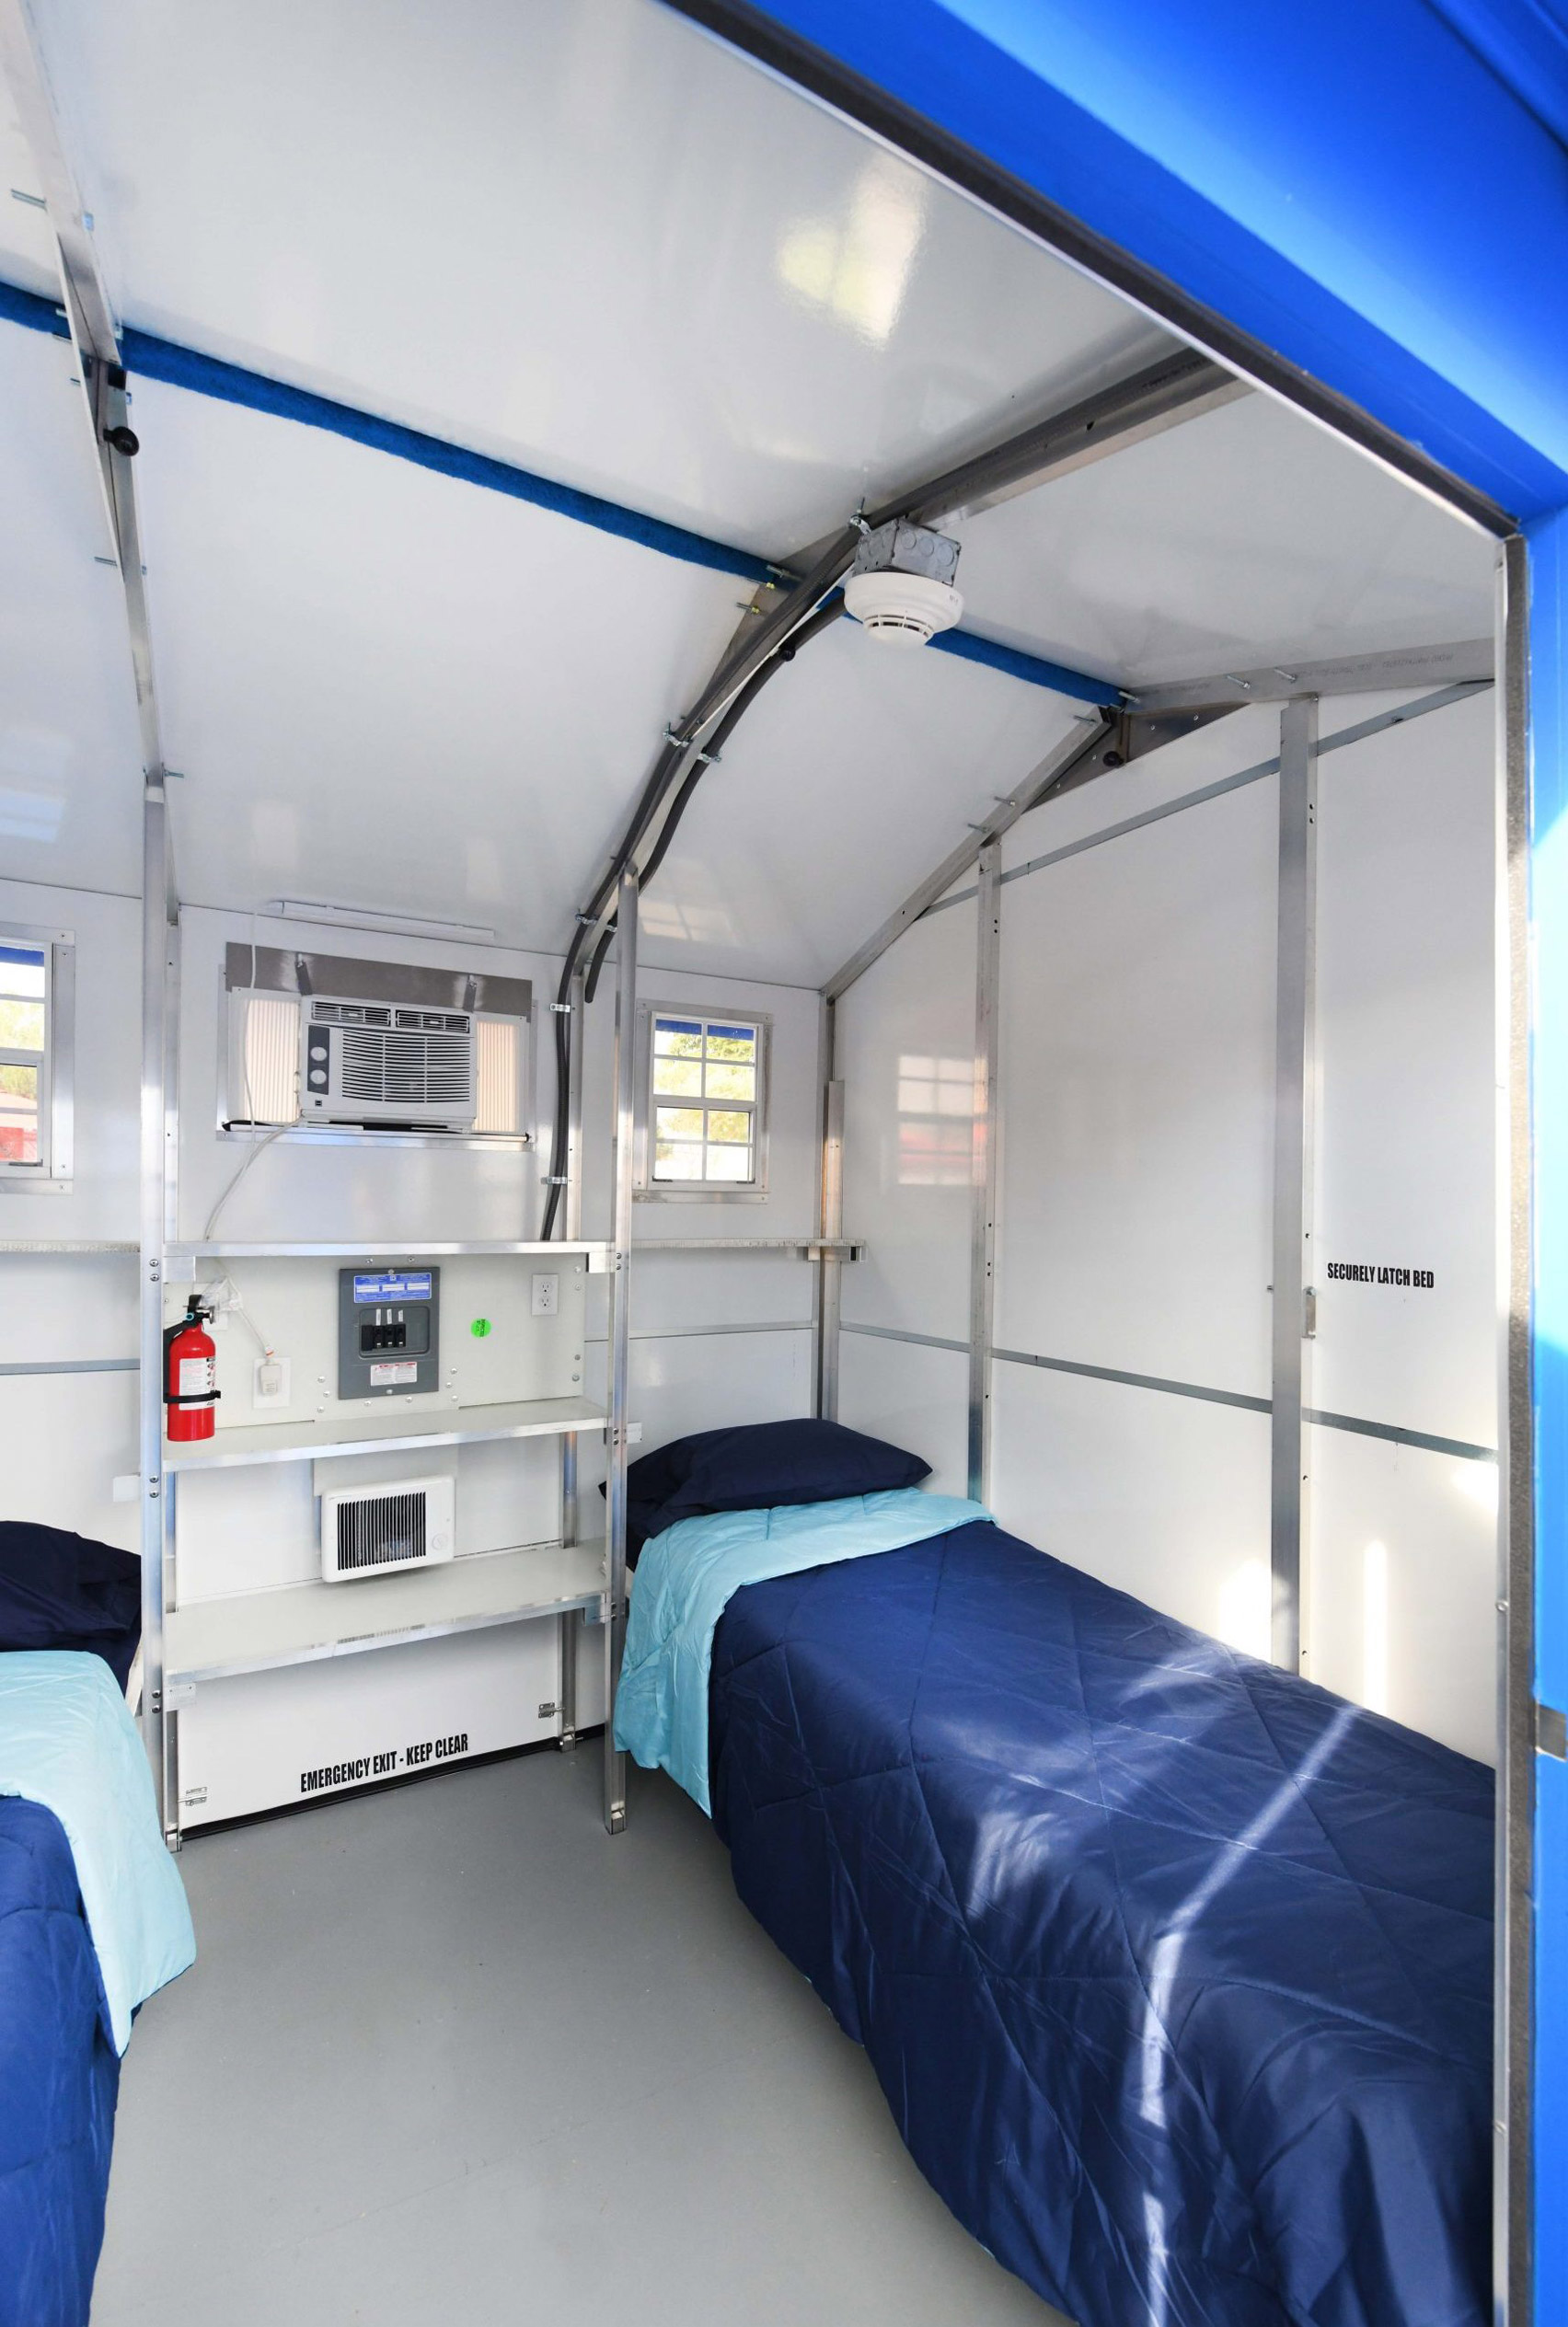 Inside a homeless shelter by Paller